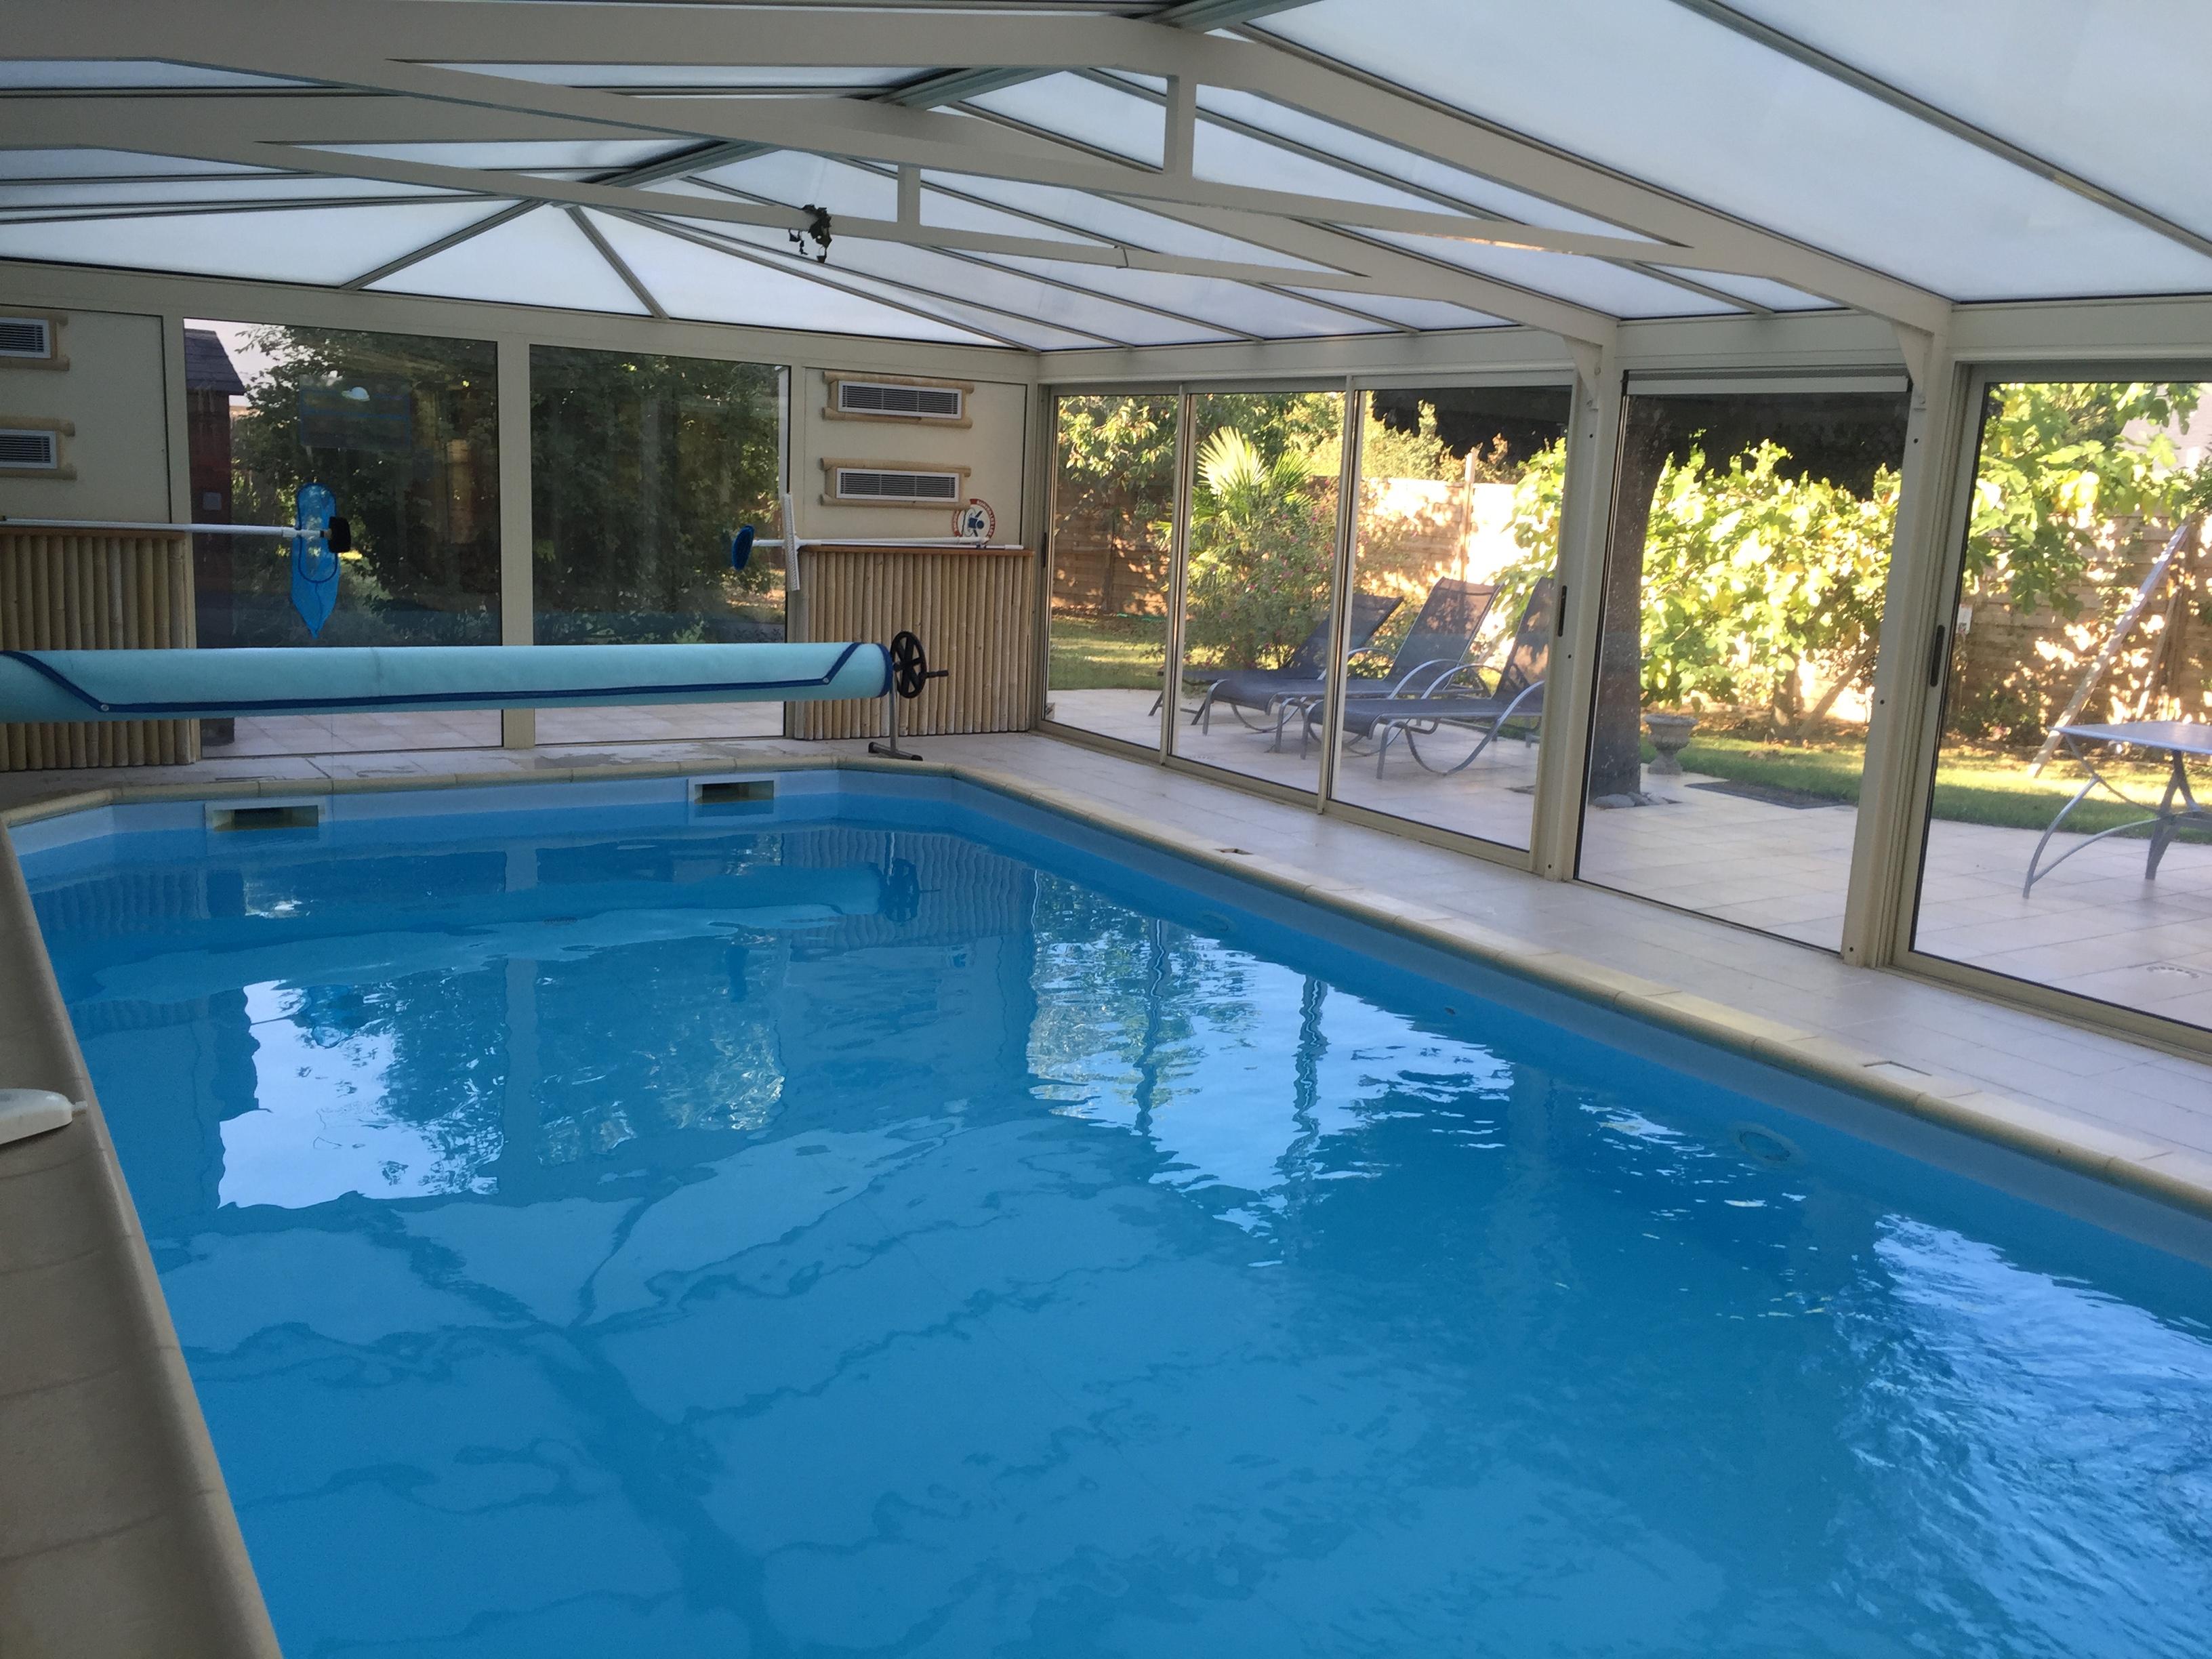 Vente Gîte avec piscine couverte chauffée  au cœur des châteaux de la Loire, 240 m2 près de Tours (37100)